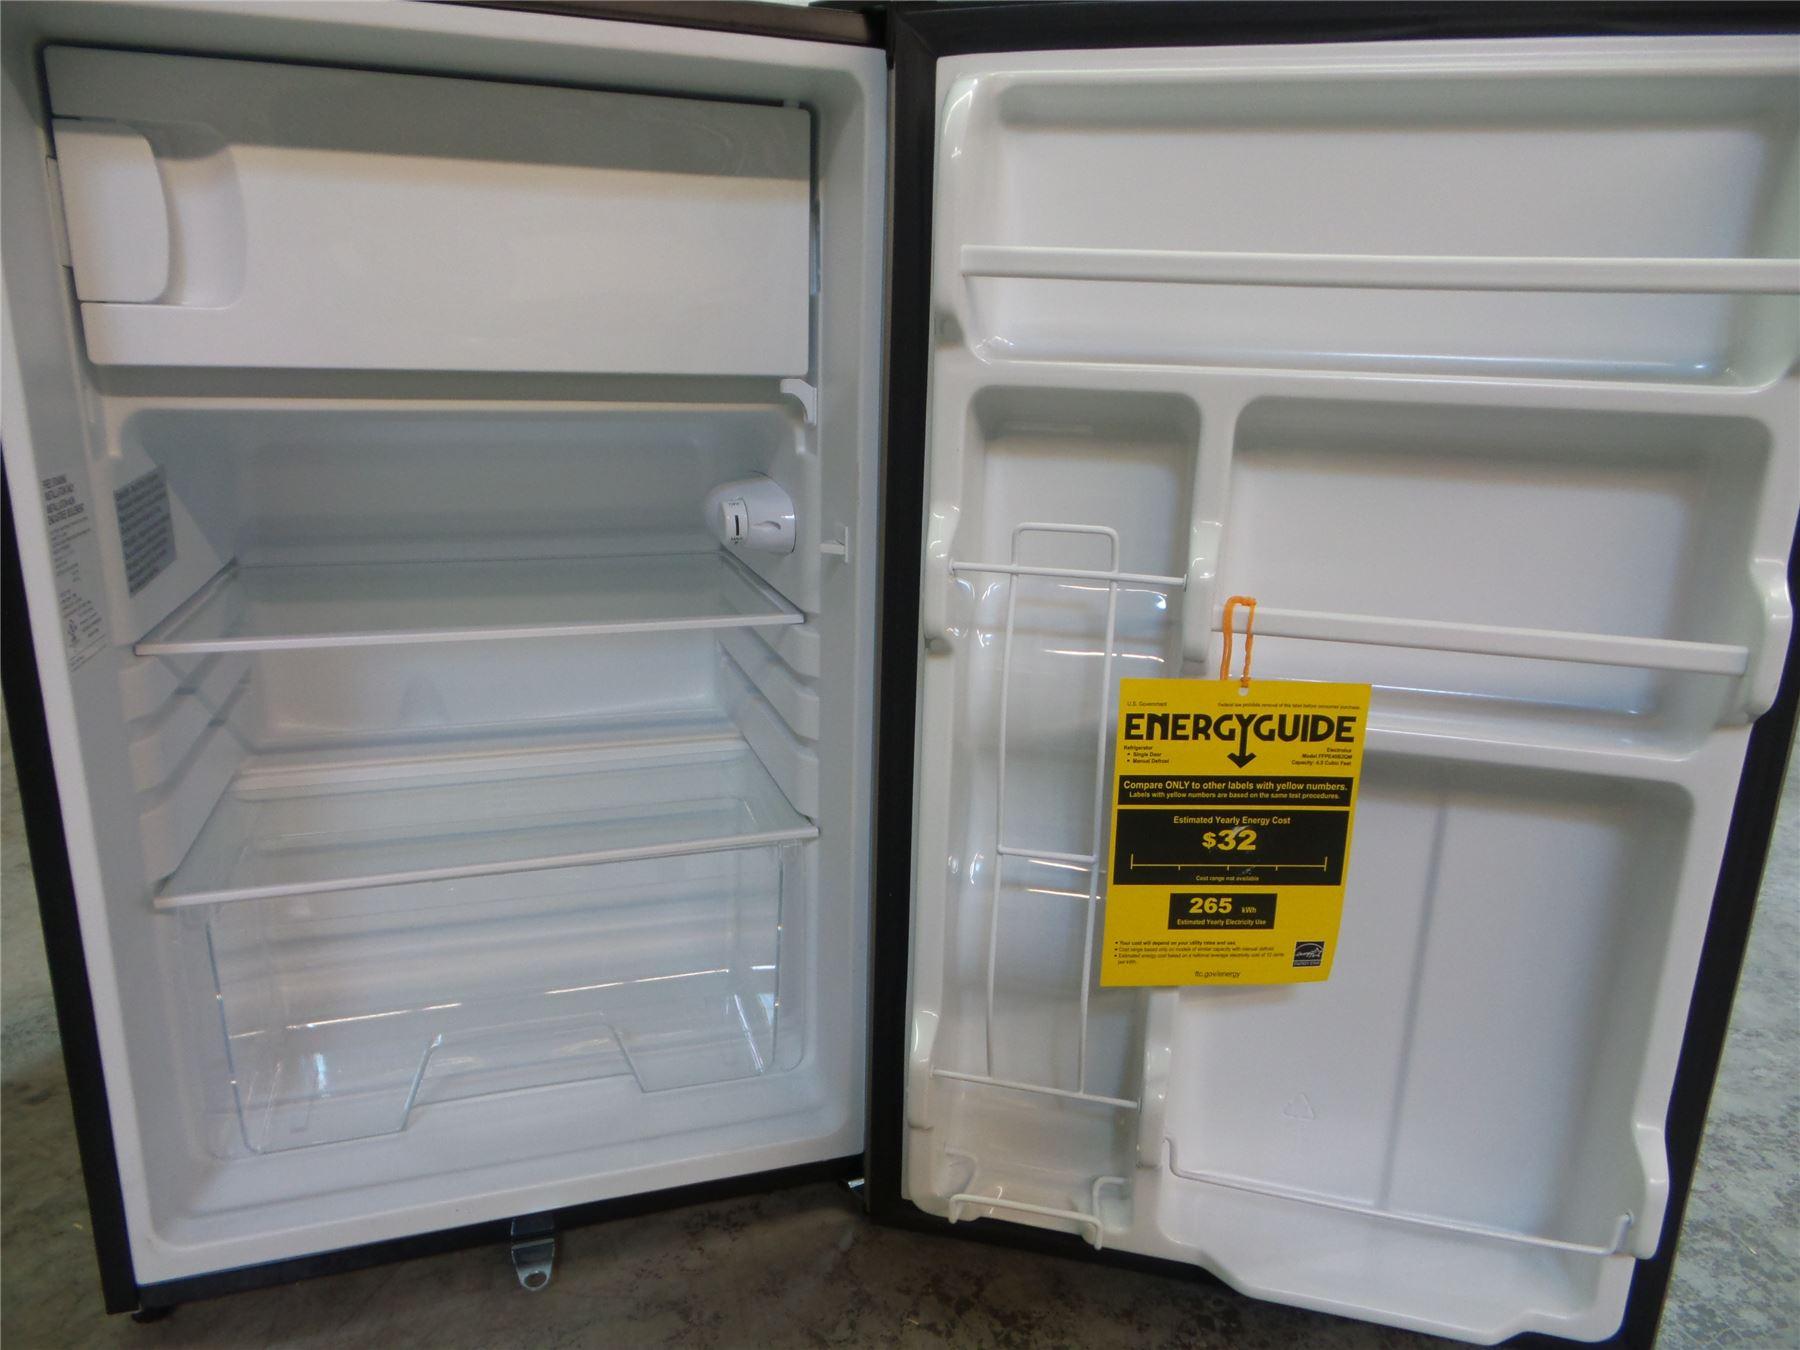 Compact Fridge For Dorm: Frigidaire FFPE45B2QM 4.5 Cu. Ft Compact Refrigerator